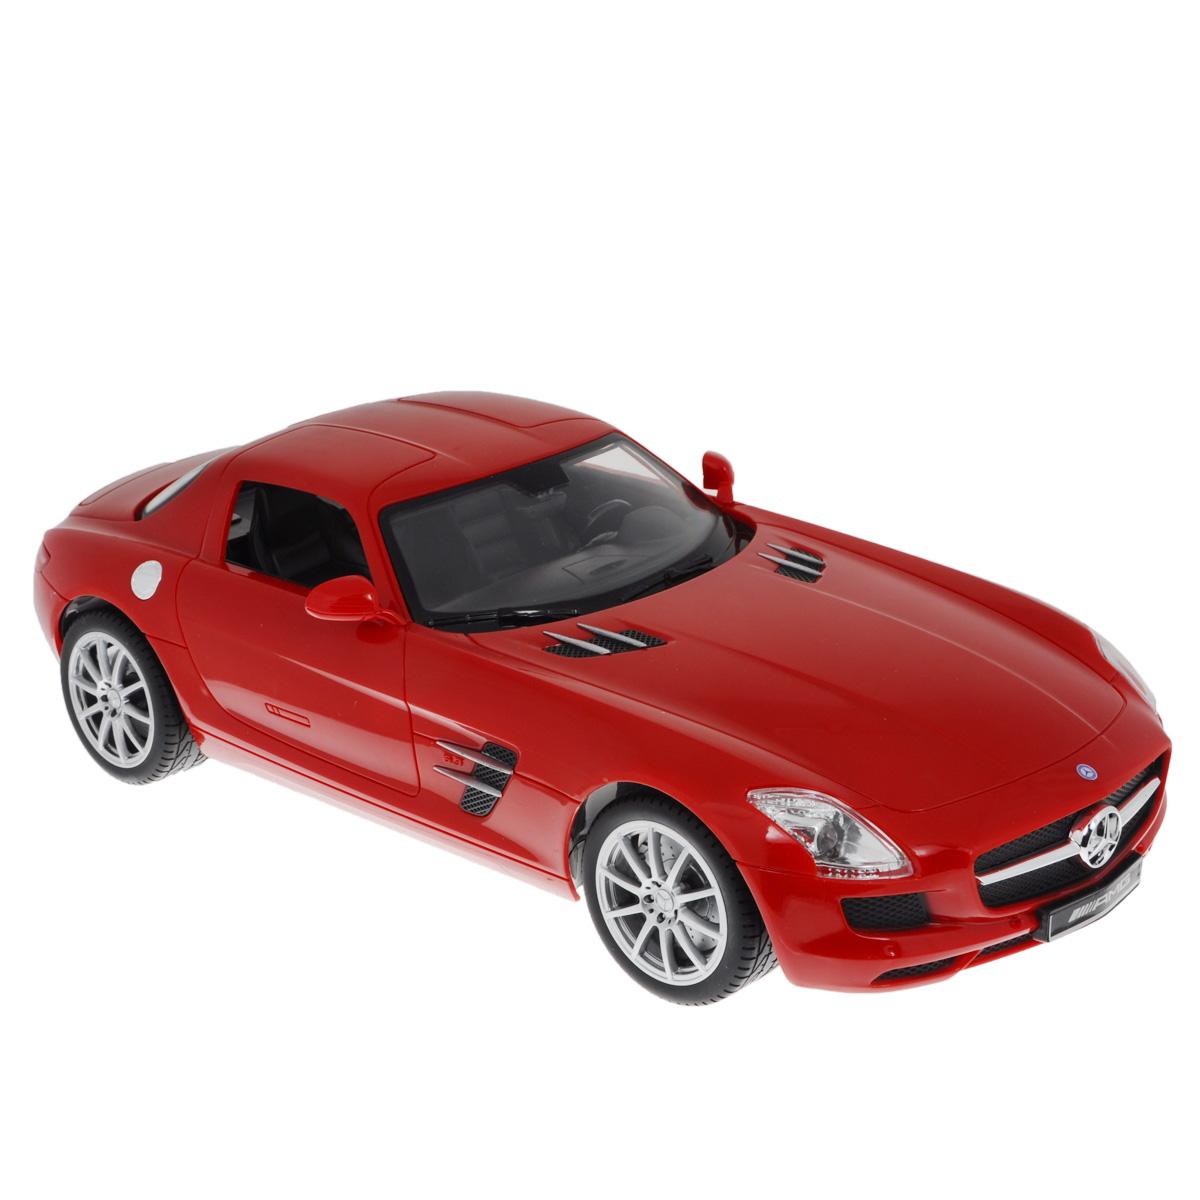 """Все мальчишки любят мощные крутые тачки! Особенно если это дорогие машины известной марки, которые, проезжая по улице, обращают на себя восторженные взгляды пешеходов. Радиоуправляемая модель TopGear """"Mercedes-Benz SLS"""" - это детальная копия существующего автомобиля в масштабе 1:14. Машинка изготовлена из прочного легкого пластика; колеса прорезинены. При движении передние и задние фары машины светятся. При помощи пульта управления автомобиль может перемещаться вперед, дает задний ход, поворачивает влево и вправо, останавливается. Встроенные амортизаторы обеспечивают комфортное движение. В комплект входят машинка, пульт управления, зарядное устройство (время зарядки составляет 4-5 часов), аккумулятор и 2 батарейки. Автомобиль отличается потрясающей маневренностью и динамикой. Ваш ребенок часами будет играть с моделью, устраивая захватывающие гонки. Машина работает от аккумулятора 500 mAh напряжением 6V (входит в комплект). Пульт управления работает..."""